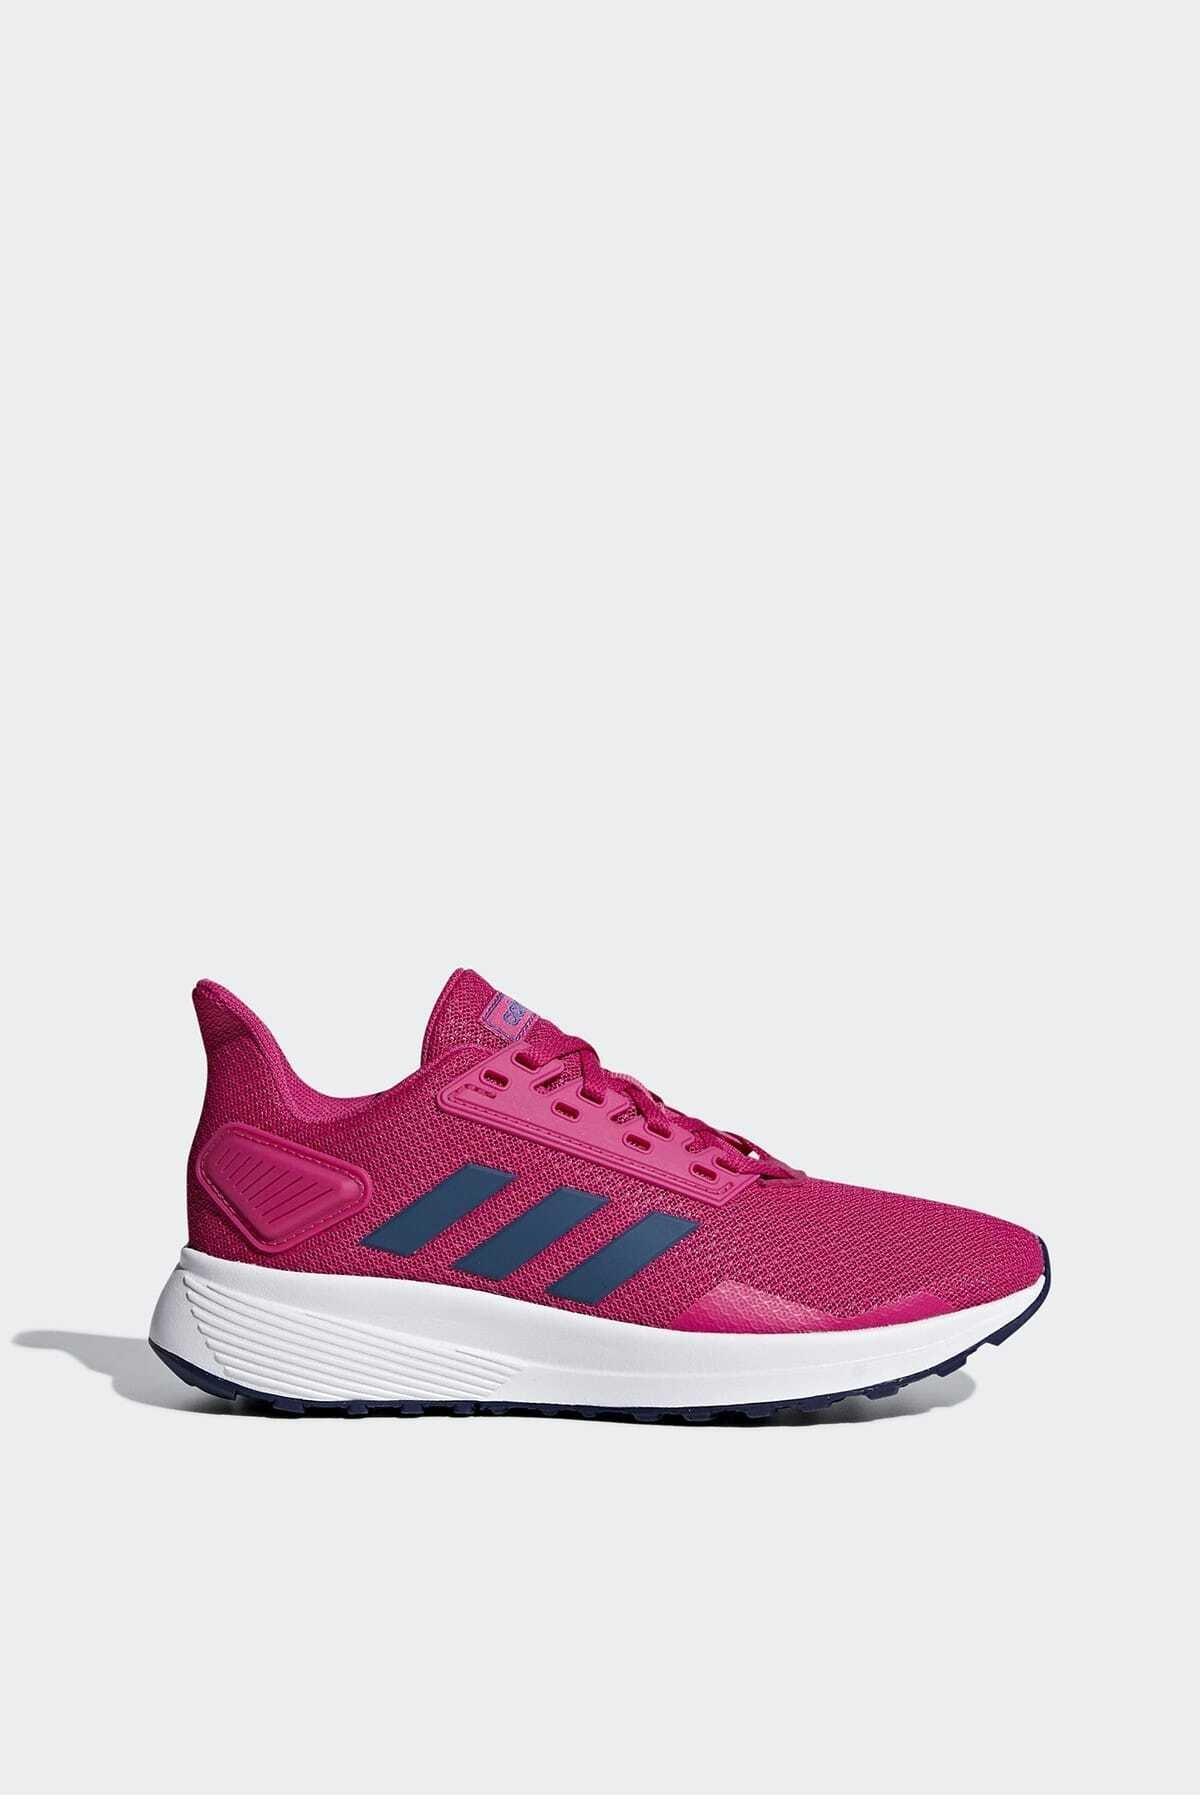 adidas DURAMO 9 Pembe Kadın Koşu Ayakkabısı 100409040 1